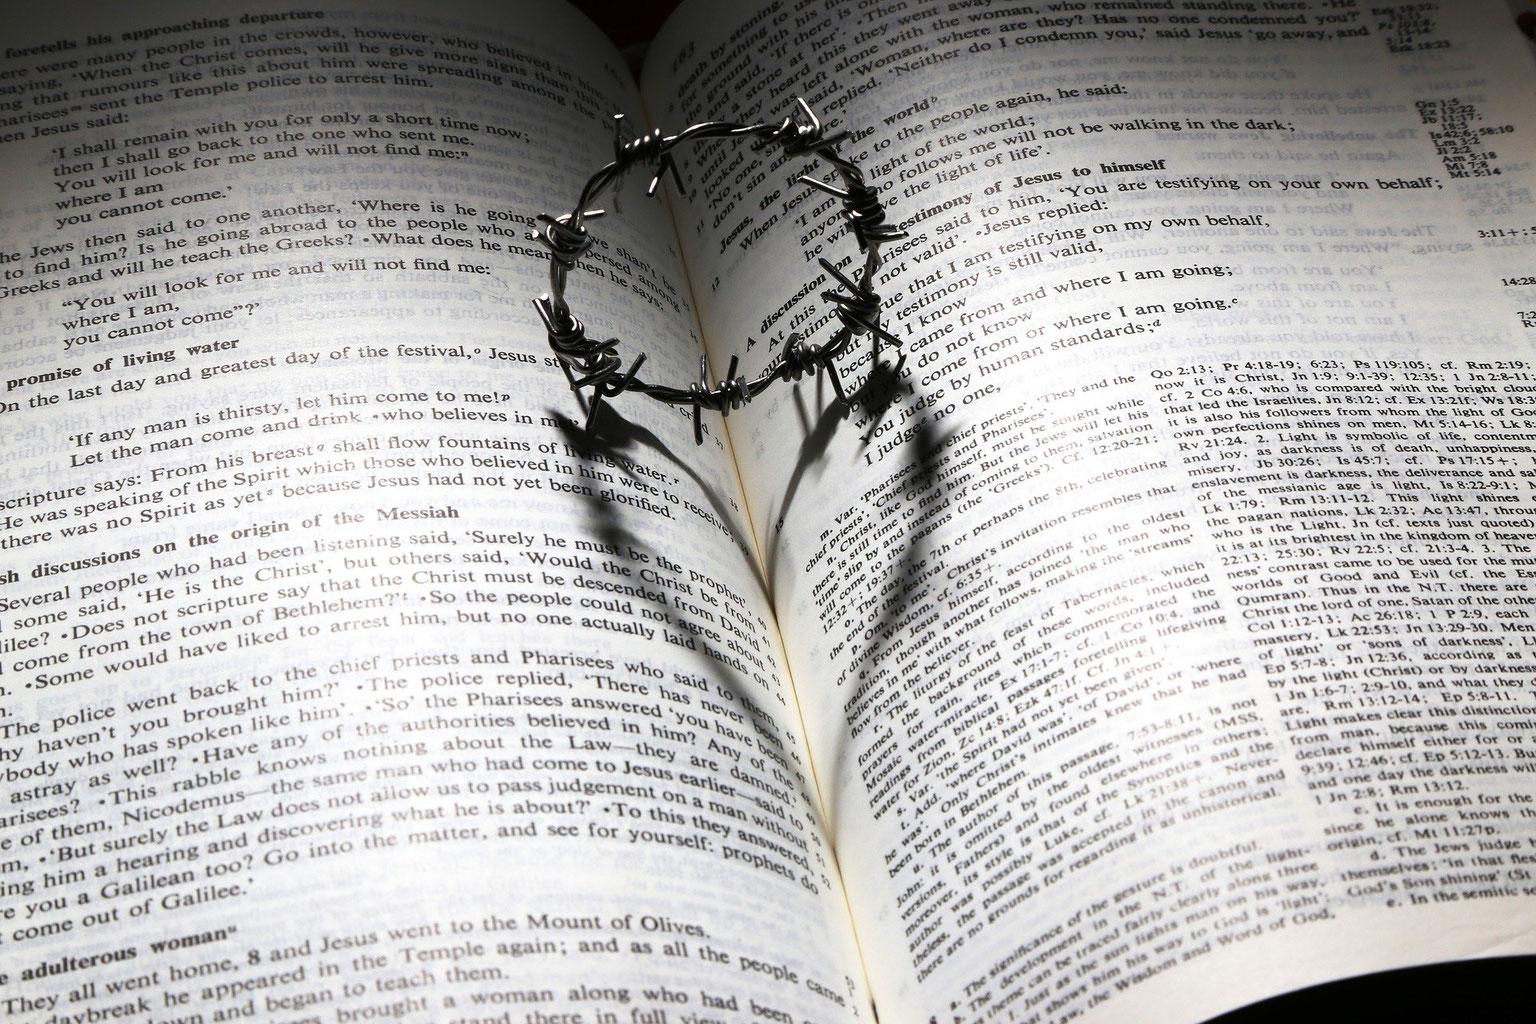 Christliche bücher über beziehungen und dating